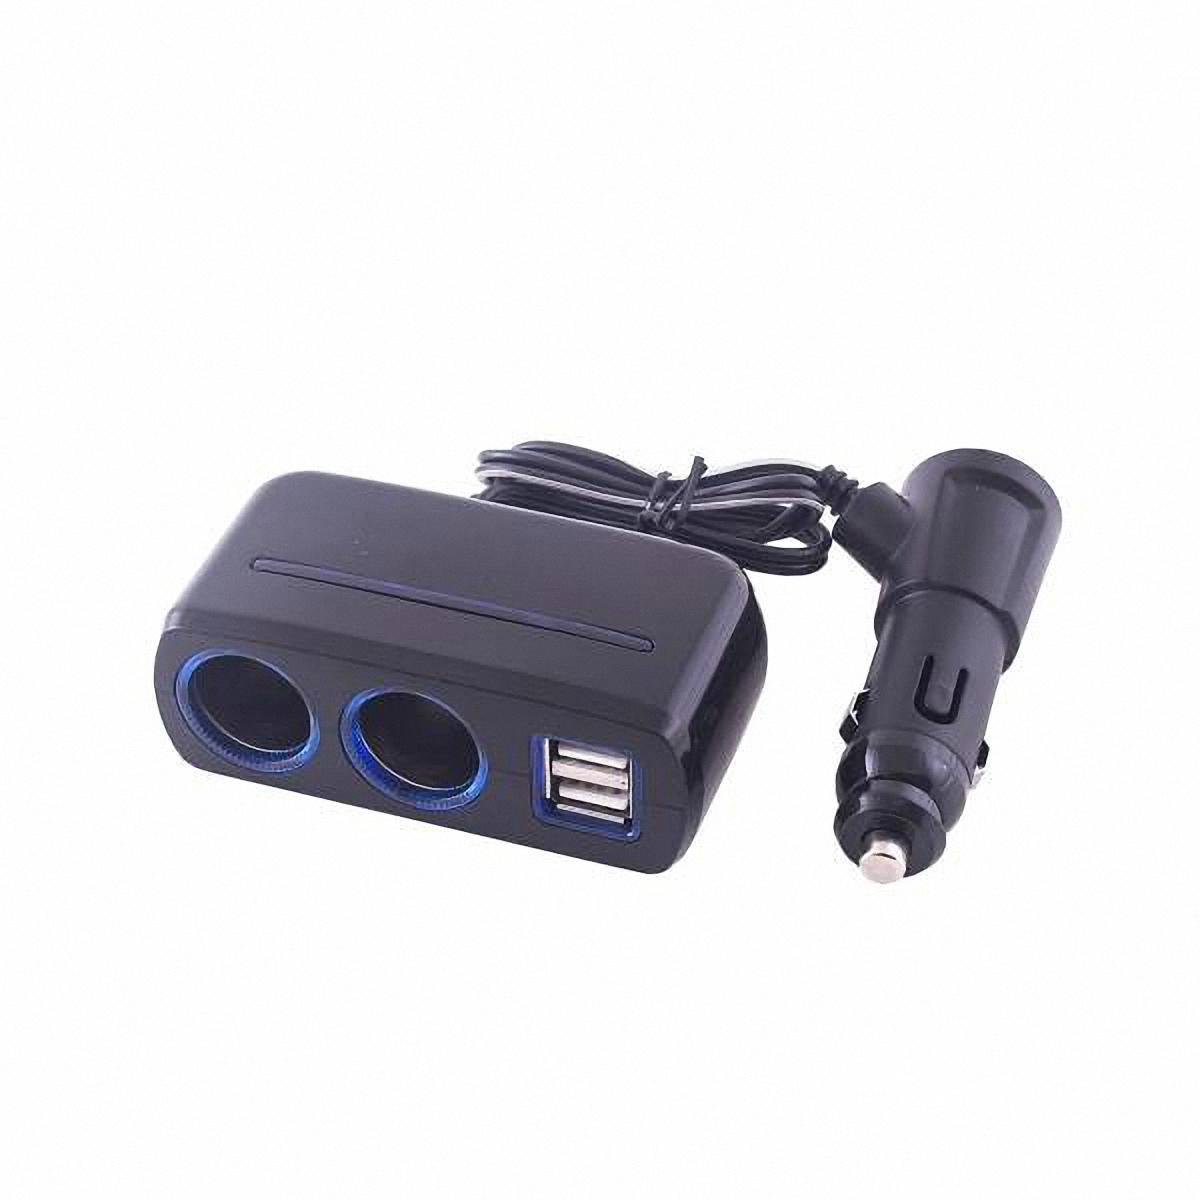 Разветвитель прикуривателя Skyway, 2 выхода + 3 USB. S02301020S02301020Разветвитель прикуривателя Skyway позволяет подключать устройства, имеющие стандартный разъем под прикуриватель, плюс устройства, имеющие разъем USB (блоки питания для ноутбука, кпк, сотового телефона, GPS-навигатора, антирадара, пылесоса, холодильника, различные зарядные устройства и многое другое). Устройство вращается на 180°, вверх и вниз. Устройство используется при мощности 7А. Общая мощность 80 Ватт. Предохранитель 5А. Потребляемая мощность 12-24 В. Количество гнезд: 2. Количество USB-портов: 3.